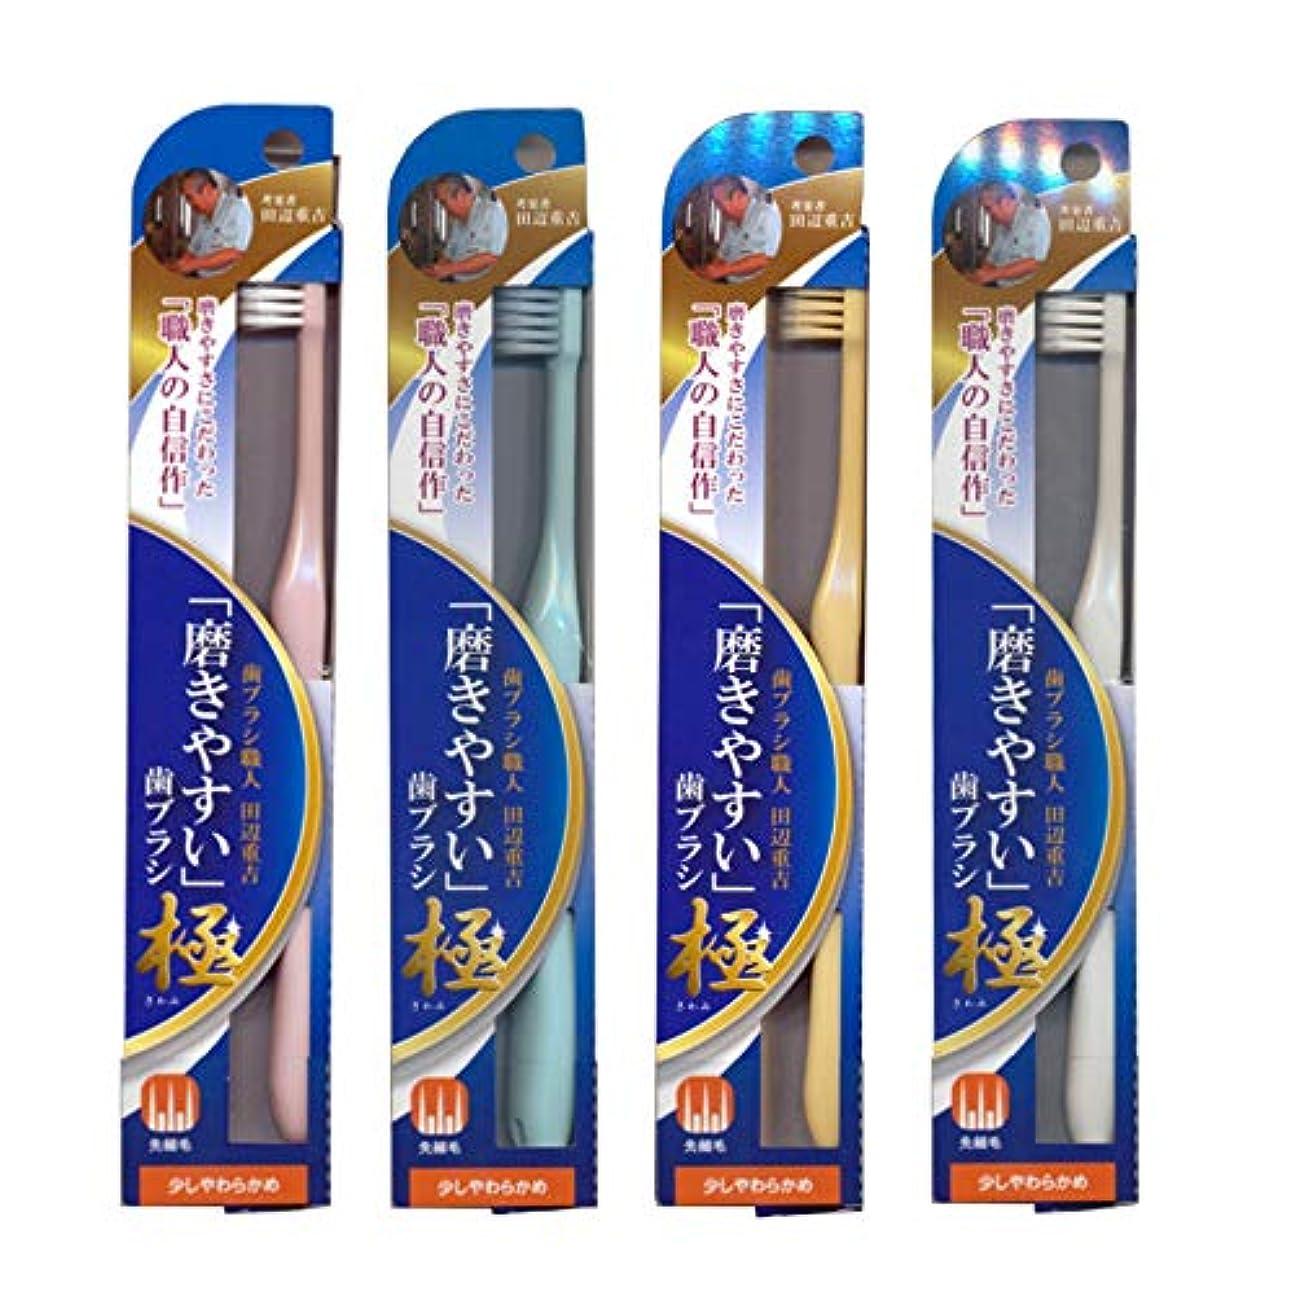 満足させるまたはどちらか問題磨きやすい歯ブラシ極 (少し柔らかめ) LT-43×12本セット(ピンク×3、ブルー×3、ホワイト×3、イエロー×3) 先細毛